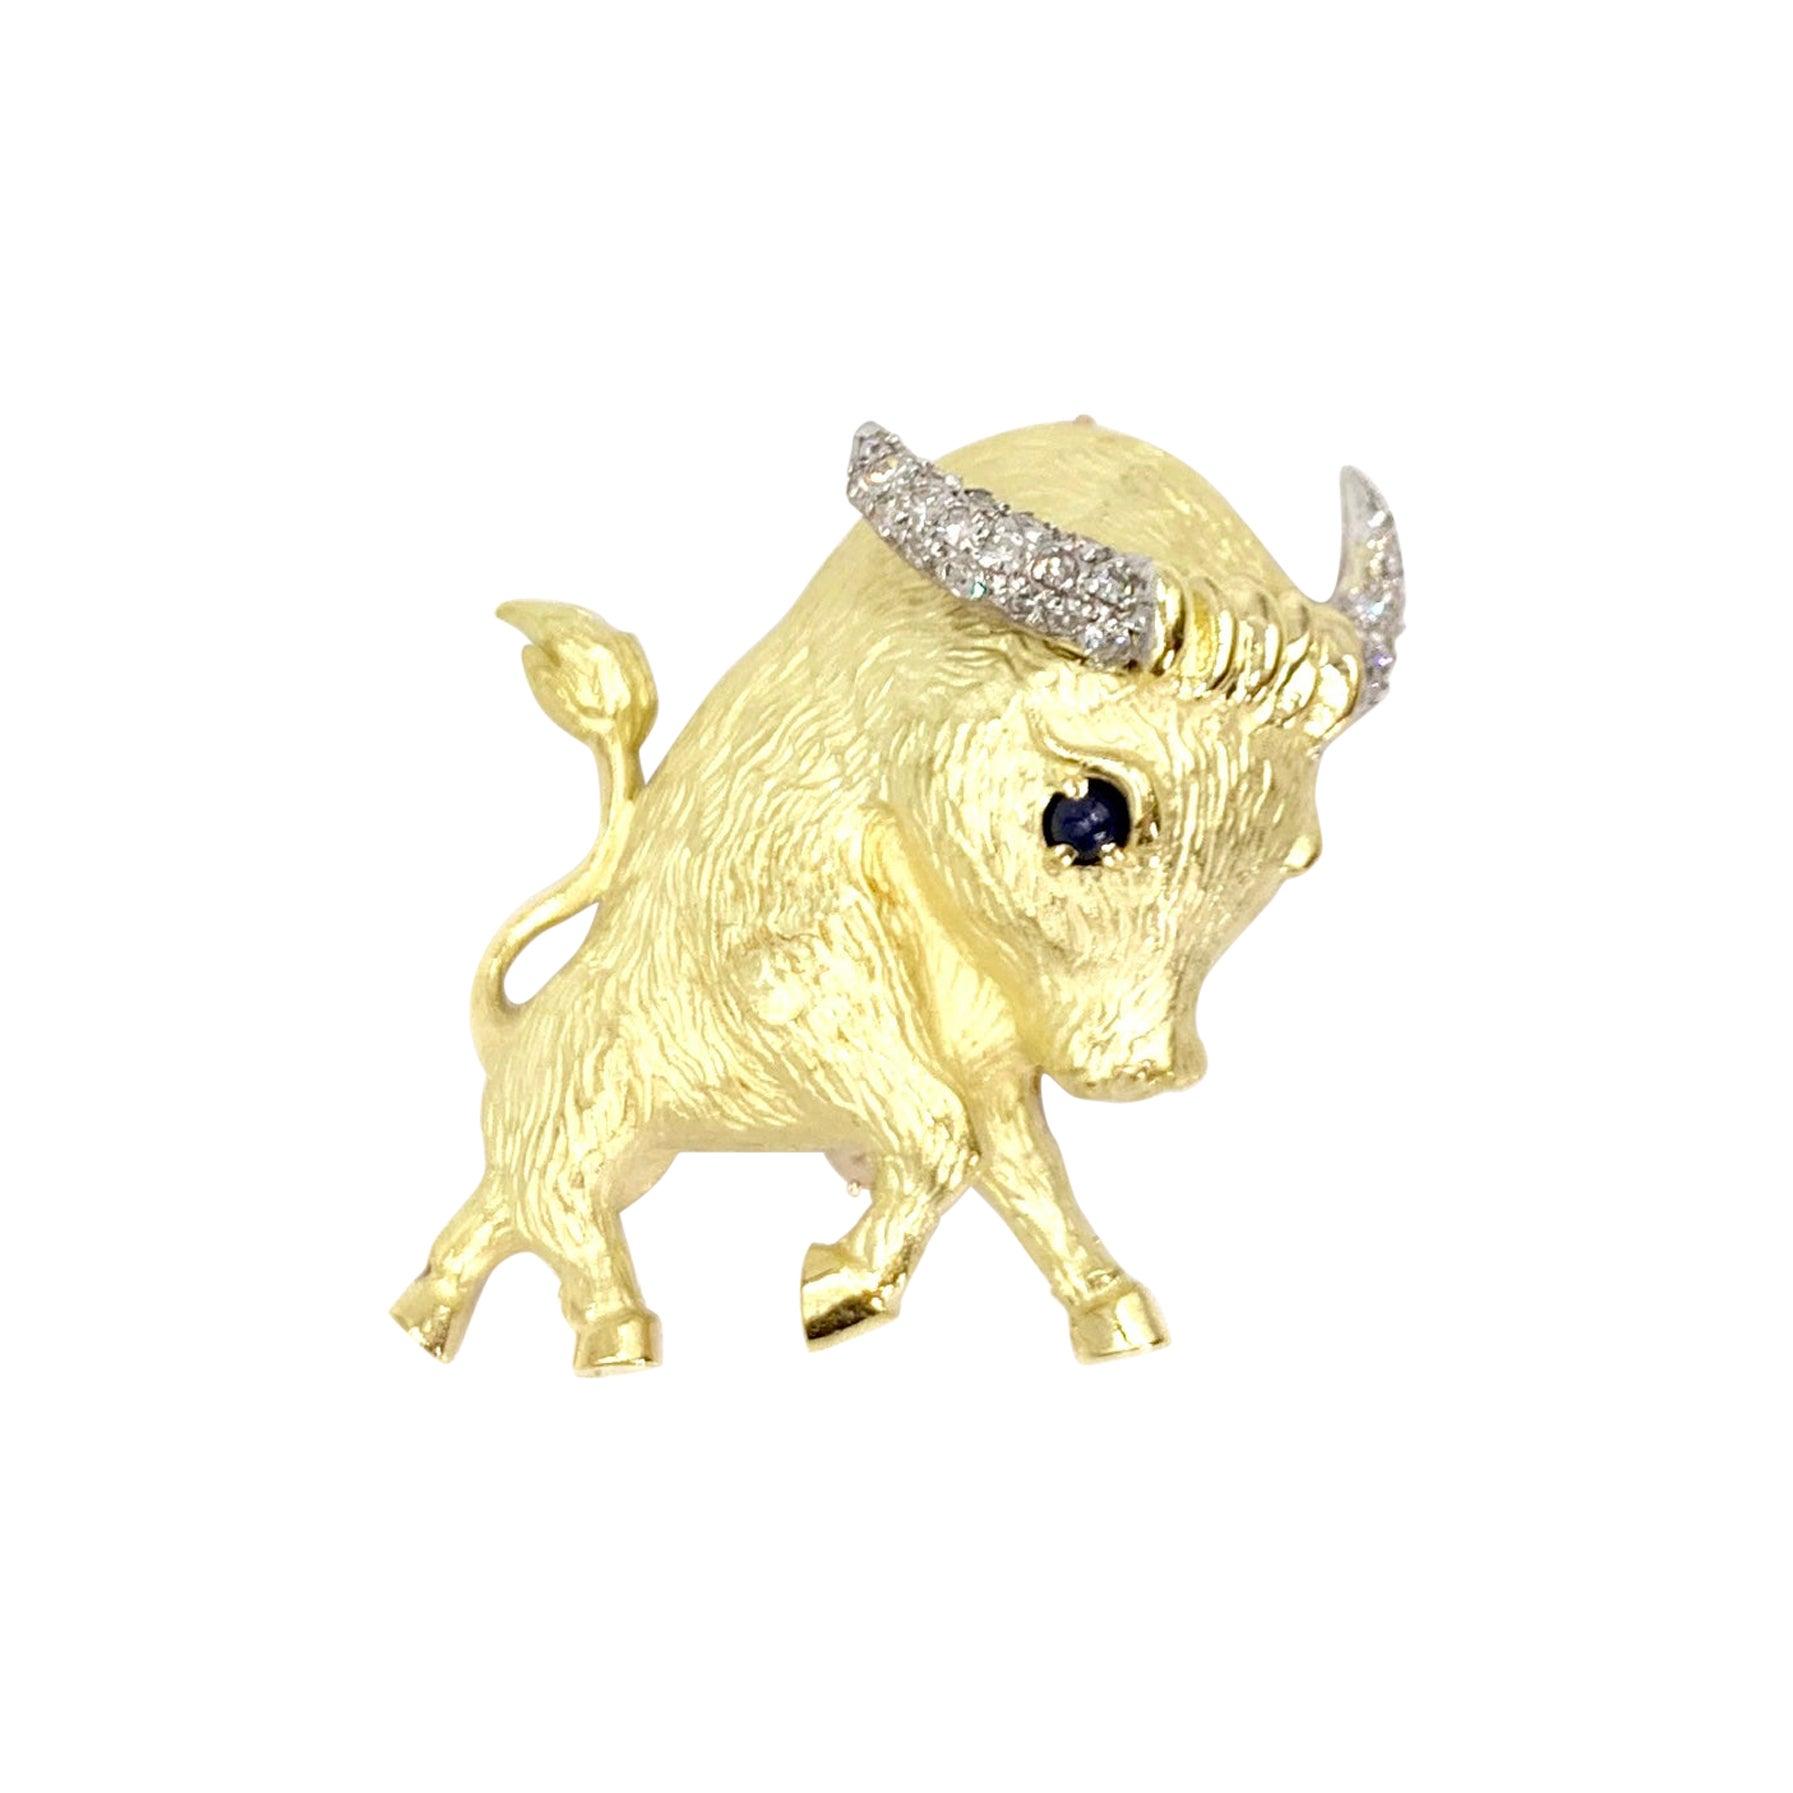 18 Karat Gold and Diamond Bull Brooch